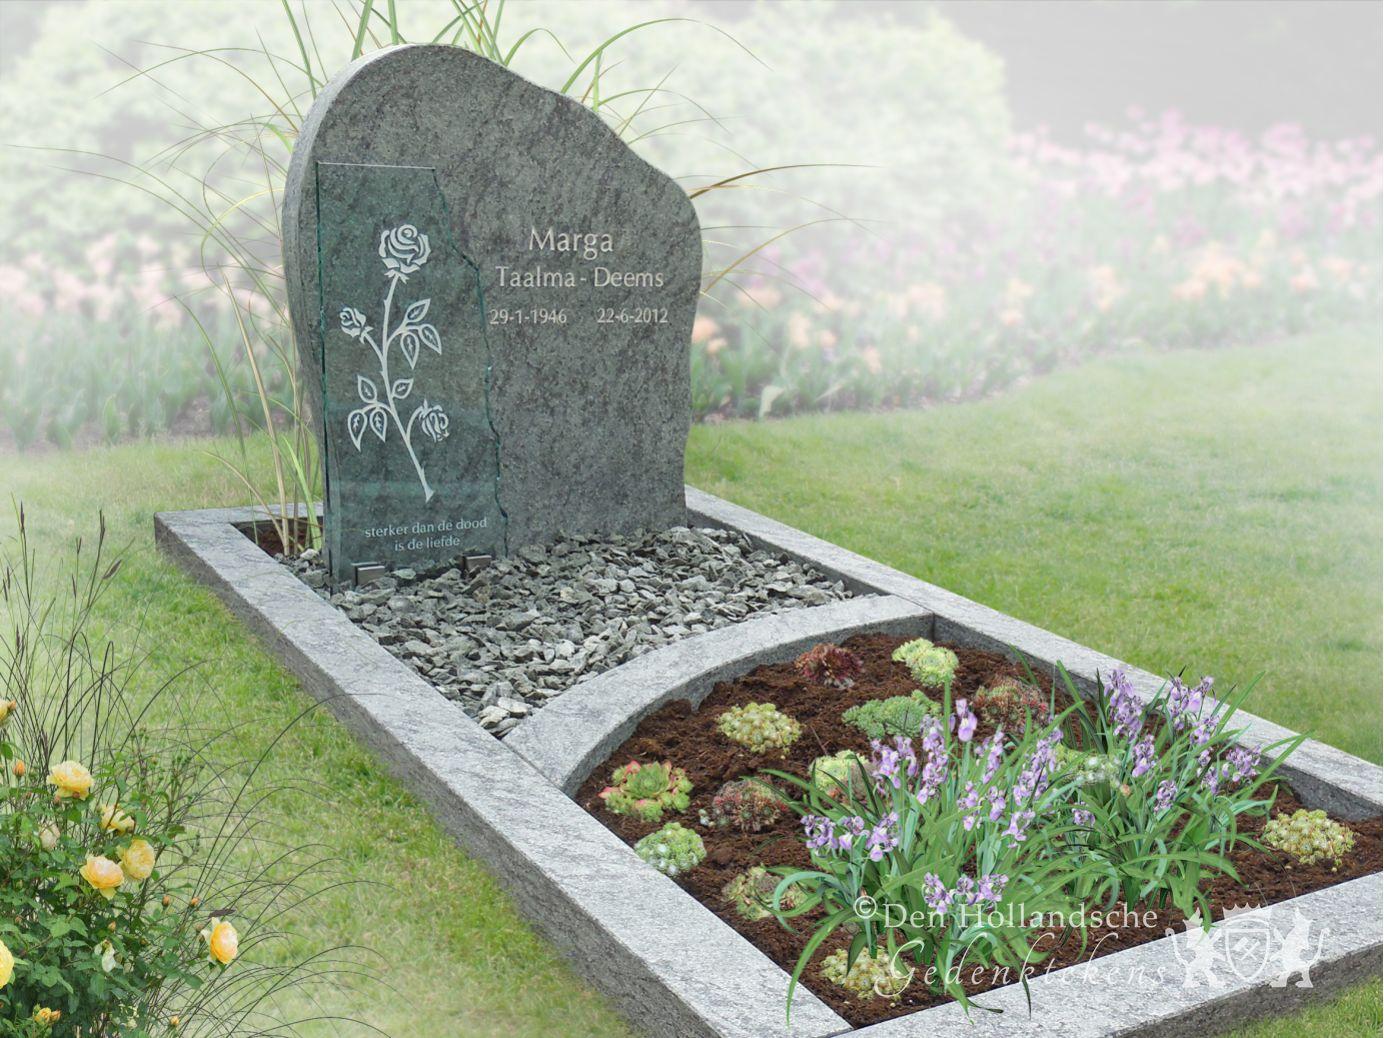 Gedenkteken van olijfgroen natuursteen den hollandsche gedenktekens